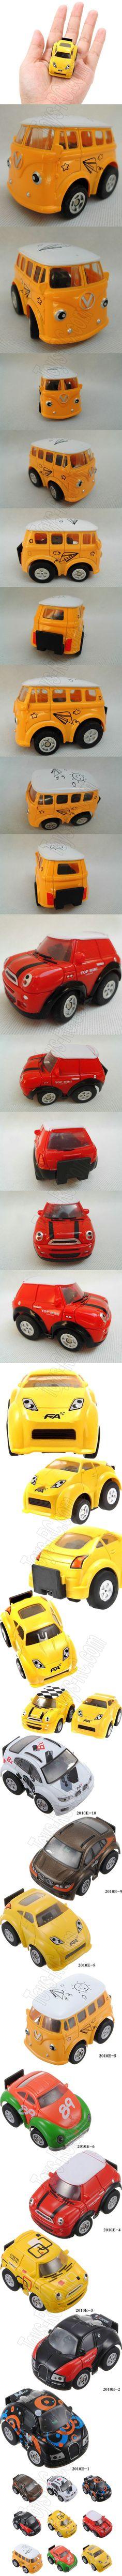 Create Toys 8006 4CH Peaches Packaging RC Micro stunt car http://www.toys-rc.com/create-toys-8006-4ch-peaches-packaging-rc-micro-stunt-car-p-291.html